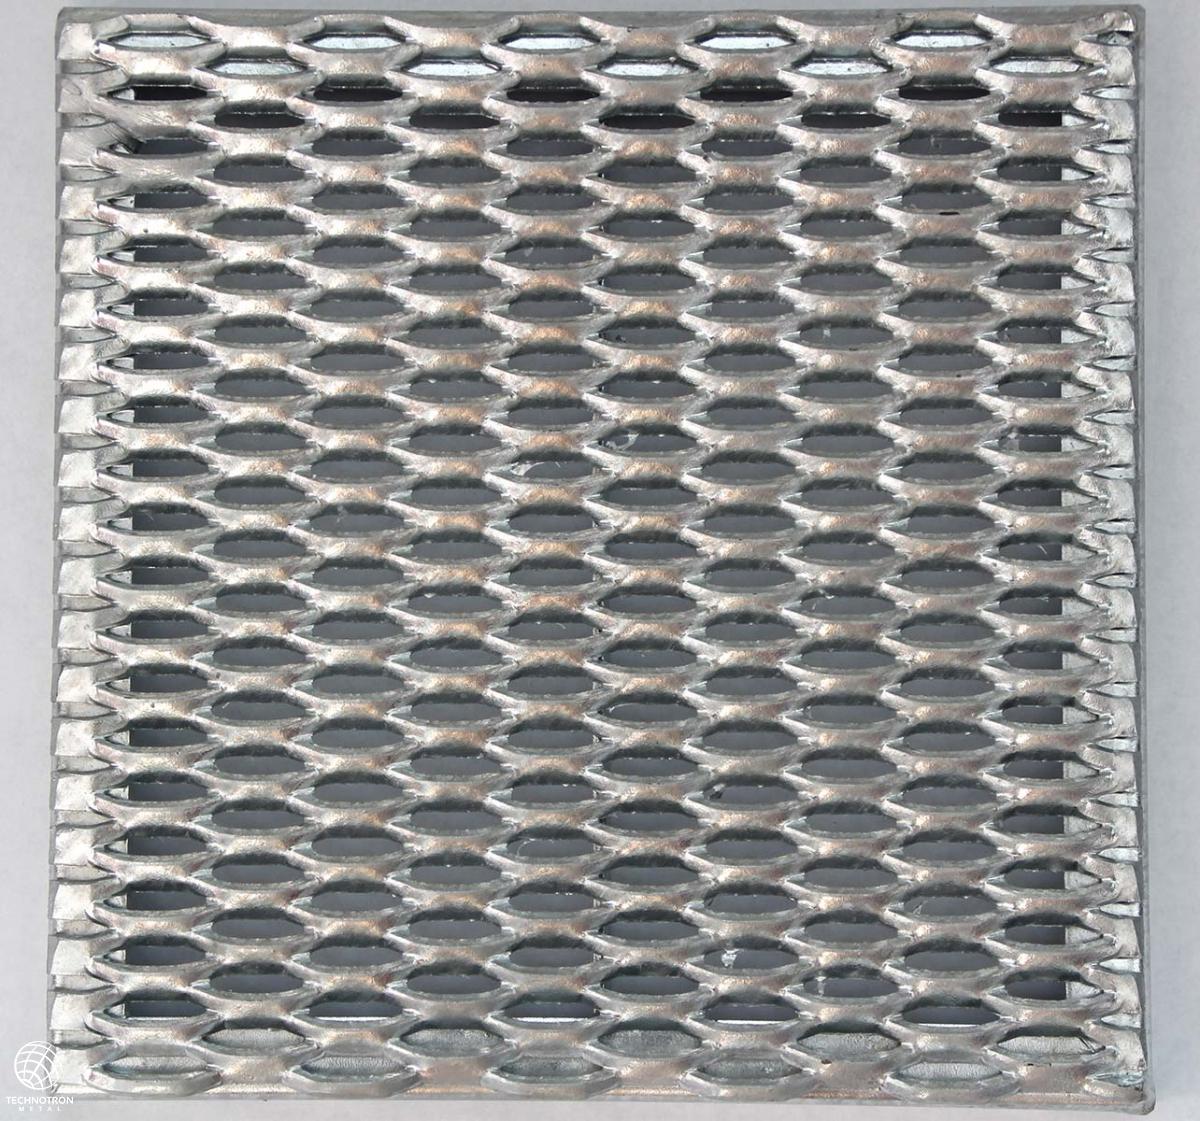 Rošt - tahokovový - ocel, žárový zinek / 47x13x5x3 mm / 600 x 1000 x 40 mm